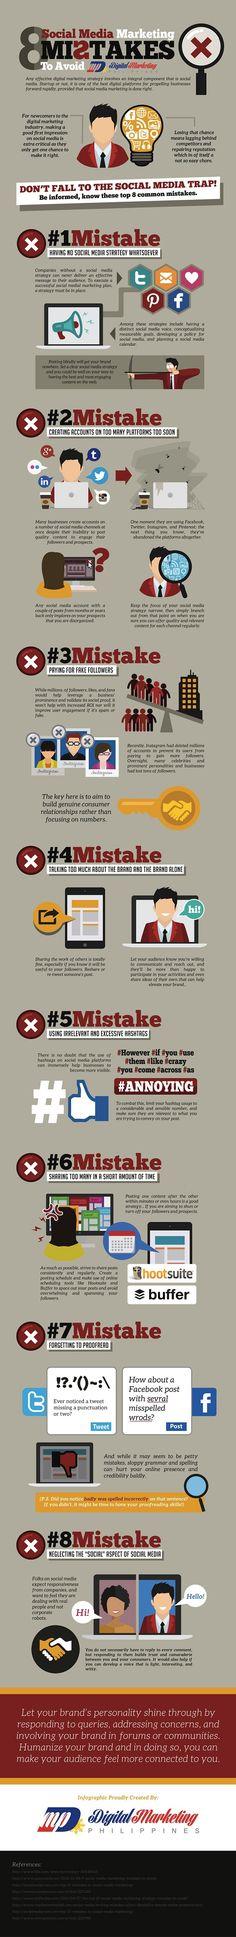 Oito erros para serem evitados nas redes sociais.